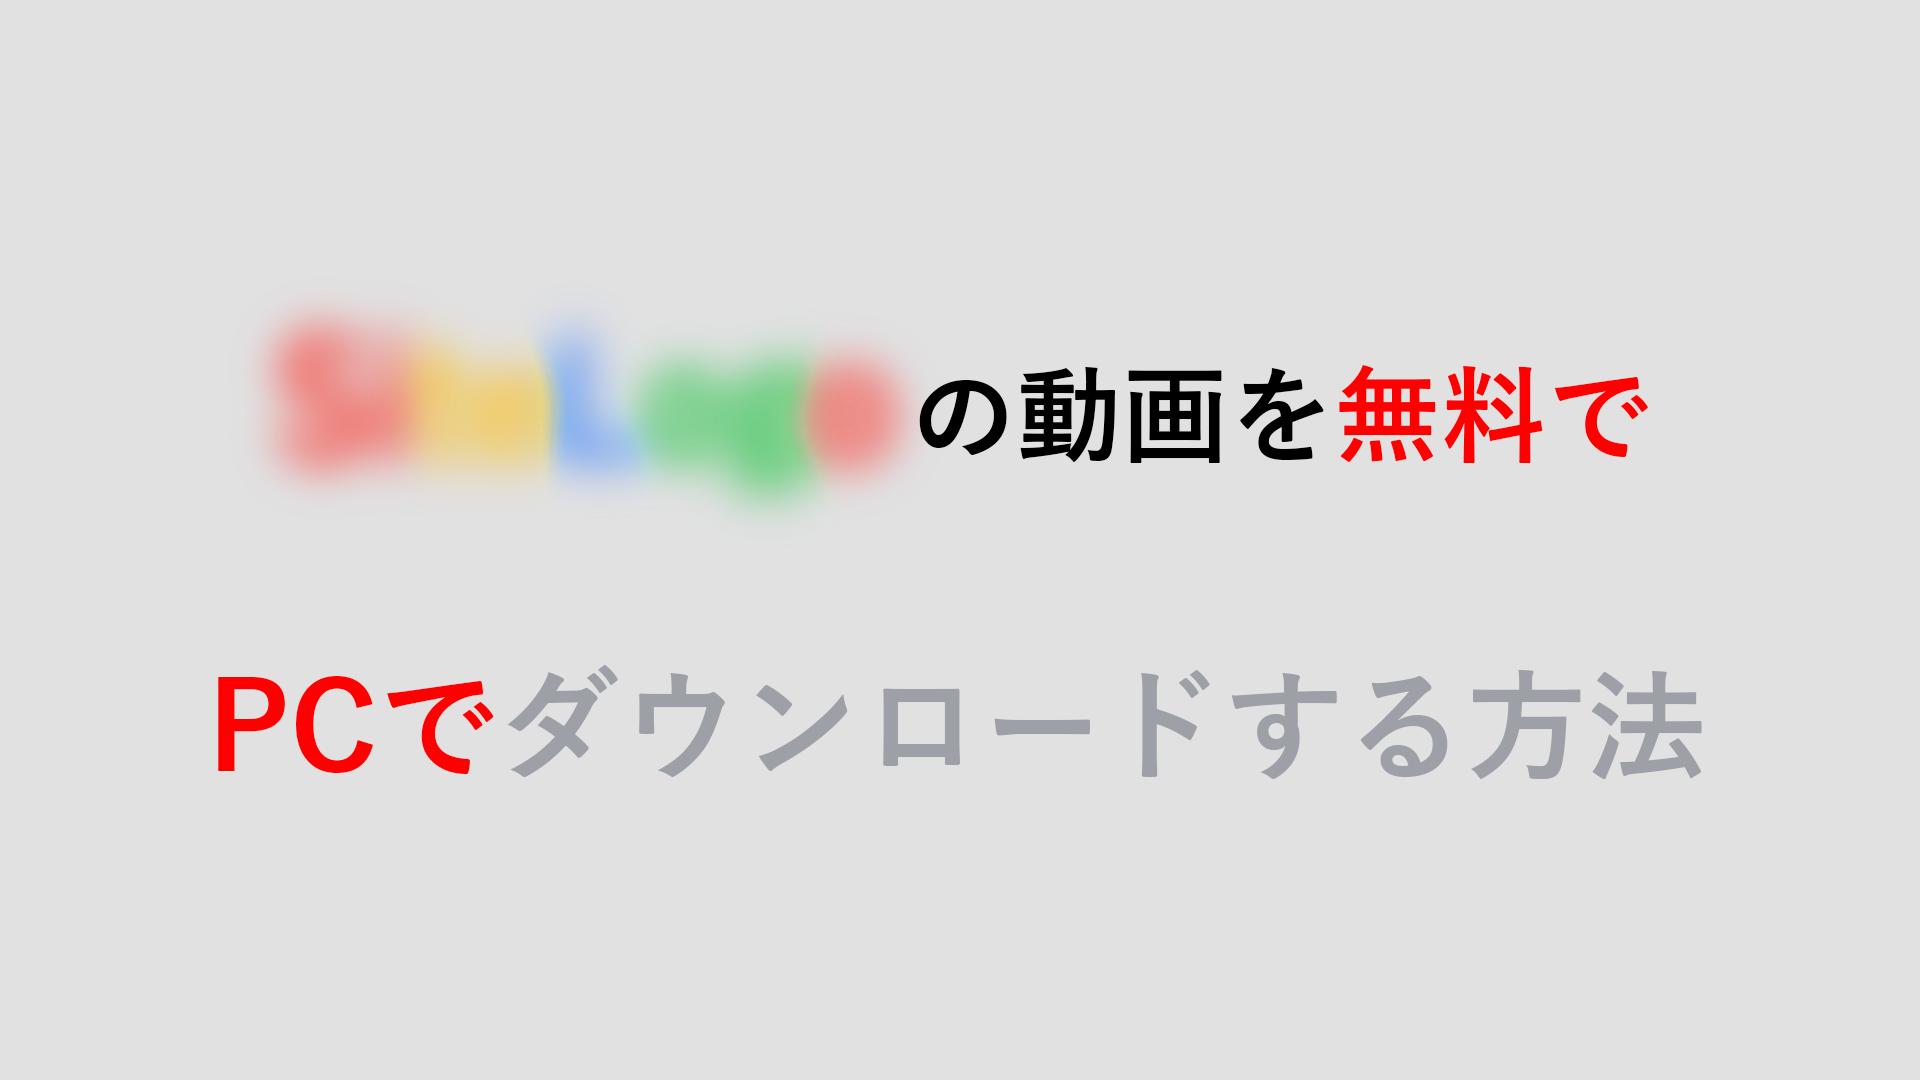 Thumb - YoutubeのサムネをダウンロードするChrome拡張機能